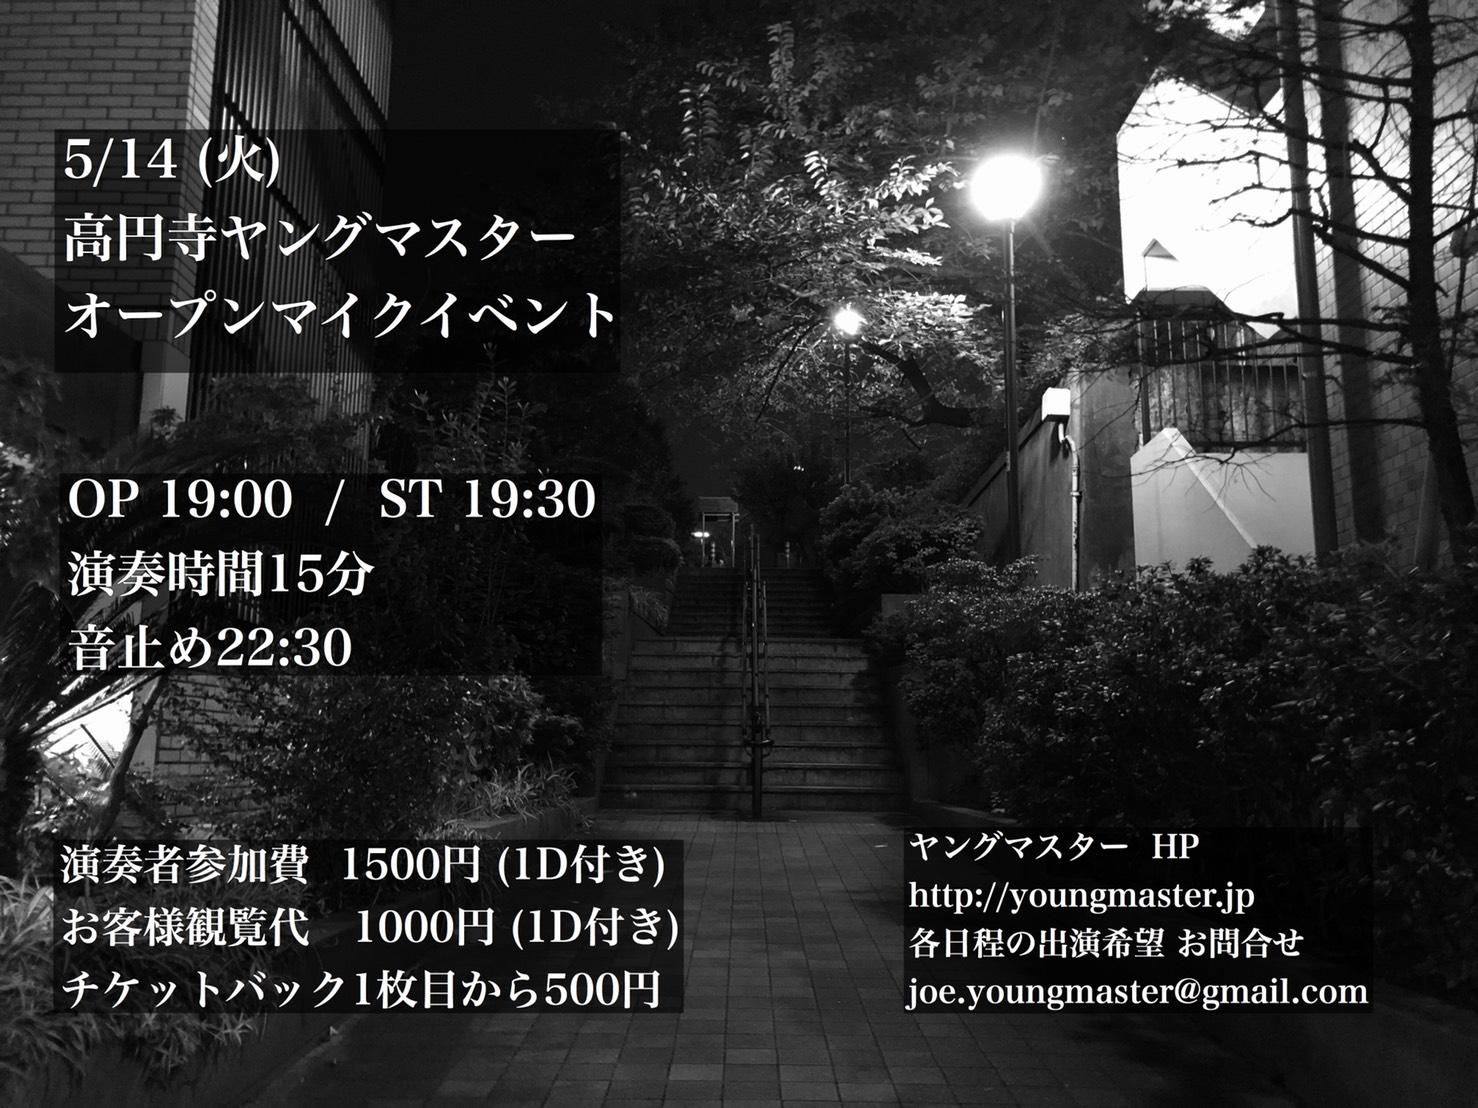 5/14 (火)高円寺ヤングマスター  オープンマイクイベントvol.1